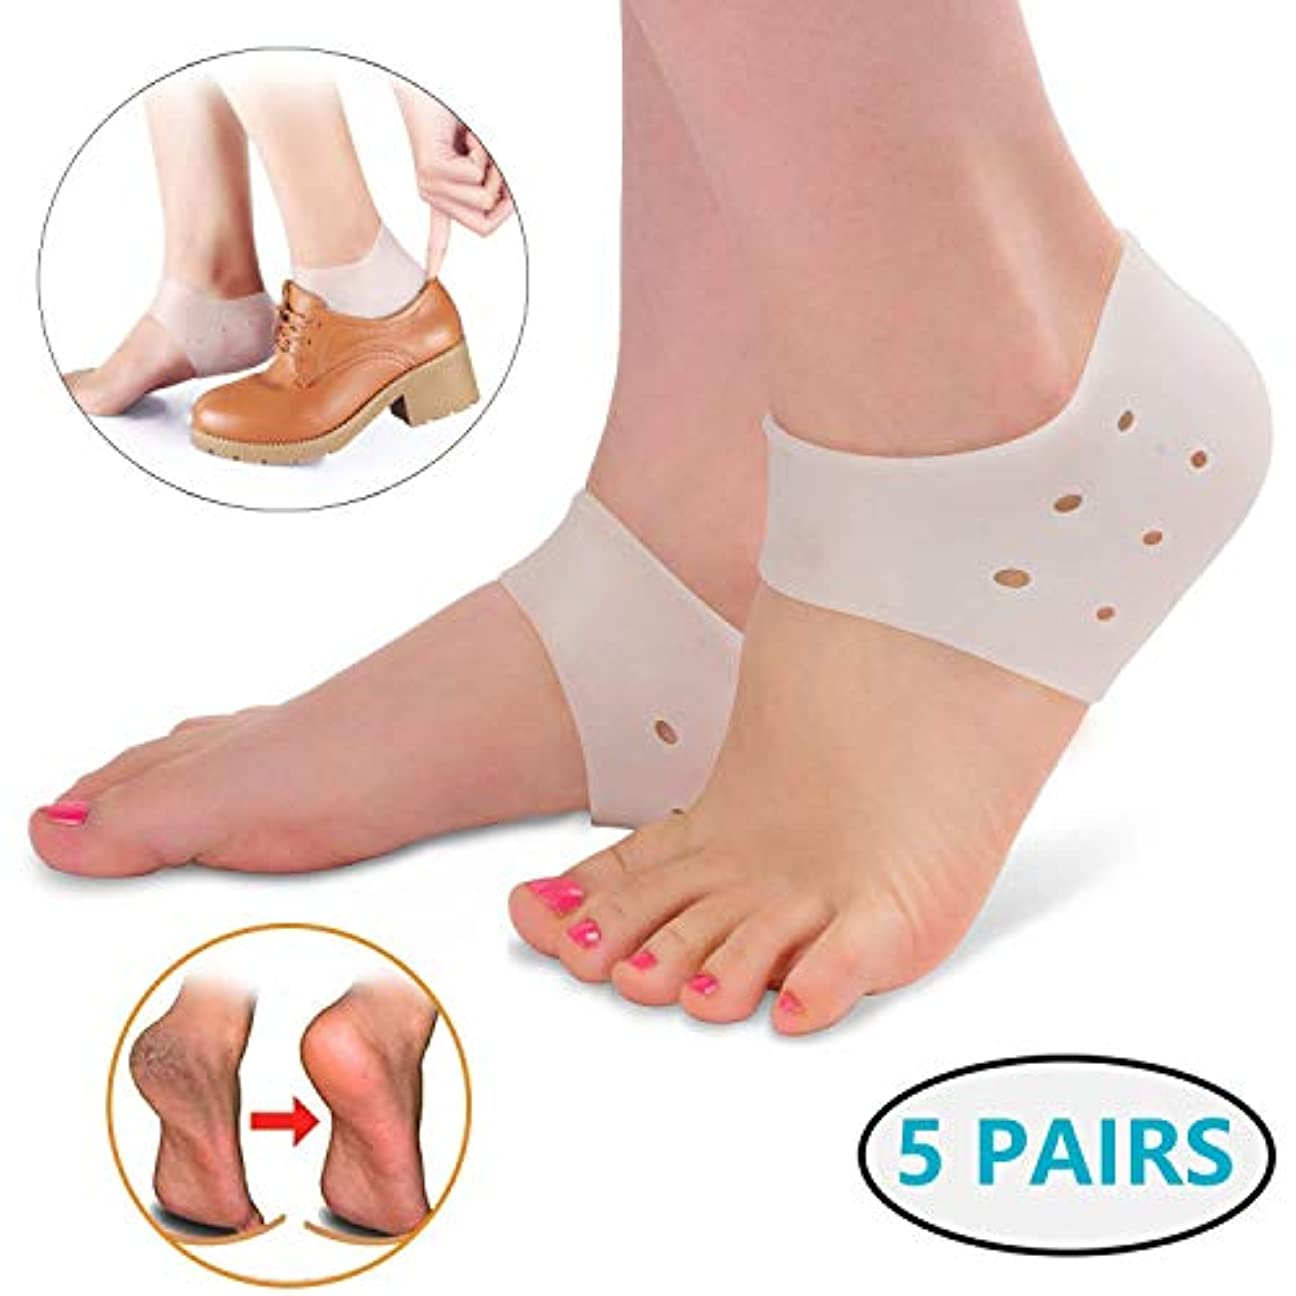 言い換えると委託ヒープ足底筋膜炎のヒールカップ-ヒールの痛みのためのゲルヒールパッドクッション、男性と女性のための乾燥したひびの入ったヒールとアキレス腱炎(5ペア)